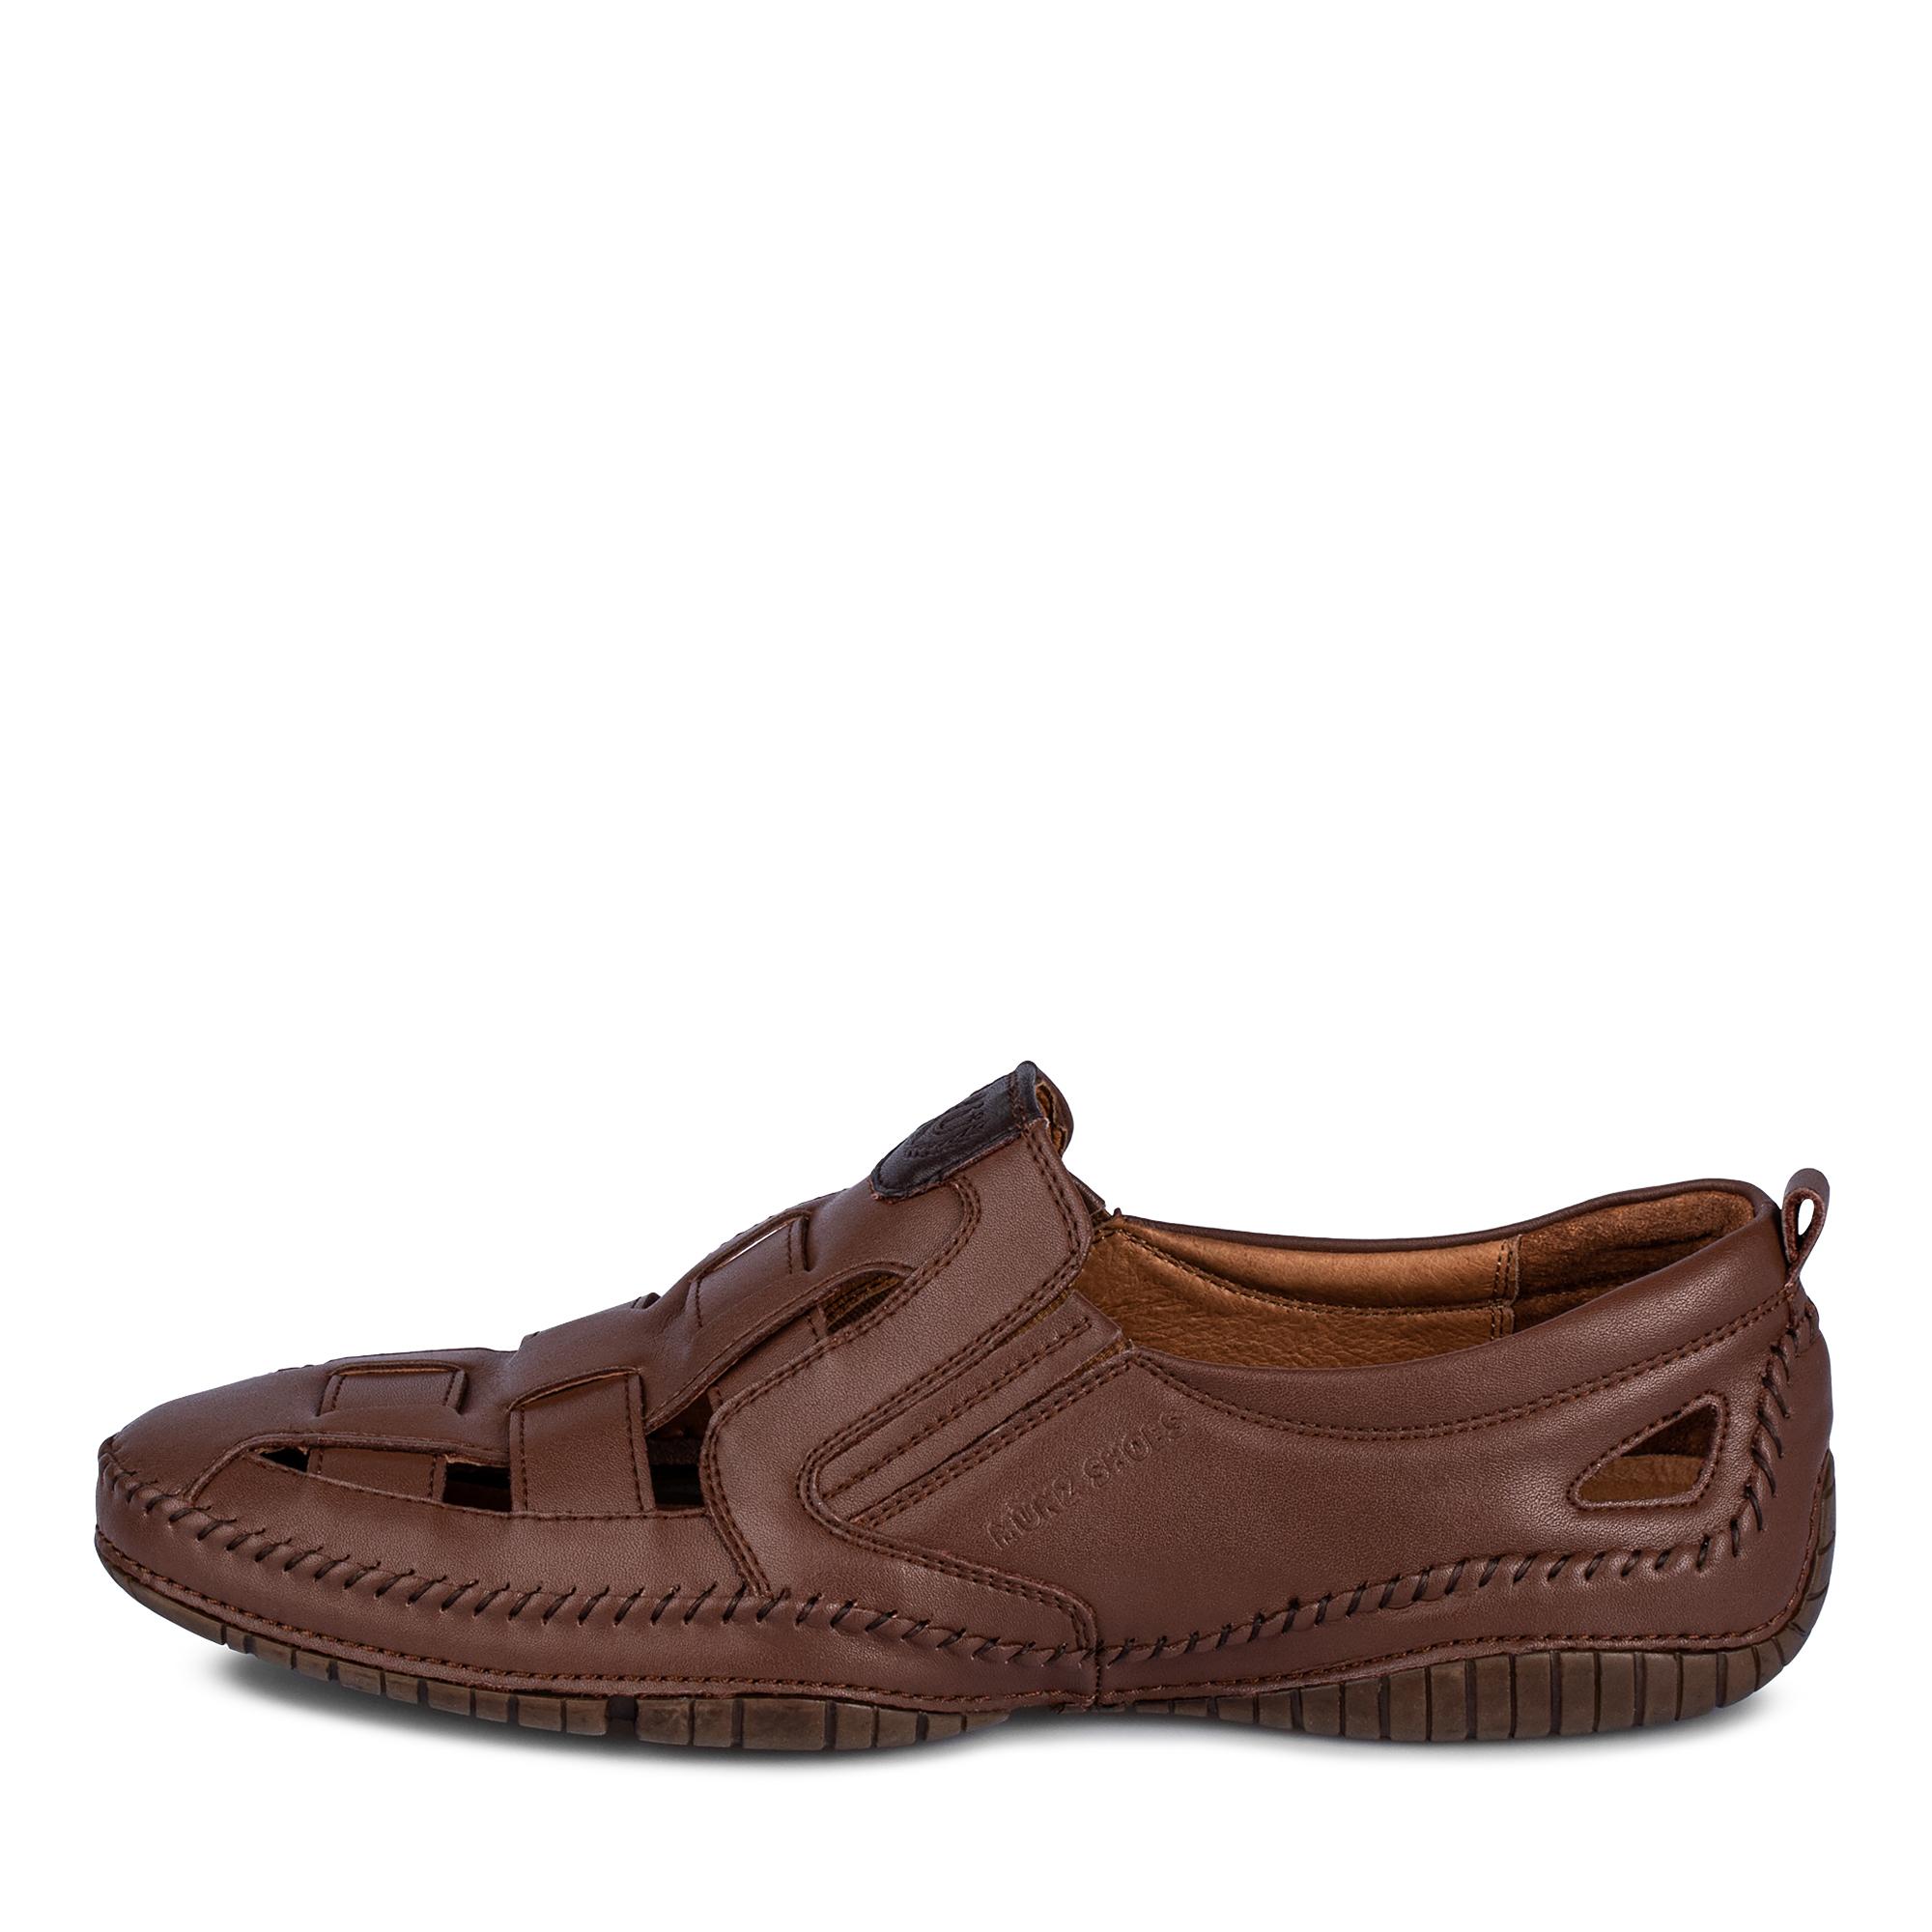 Туфли/полуботинки MUNZ Shoes 058-118C-1609